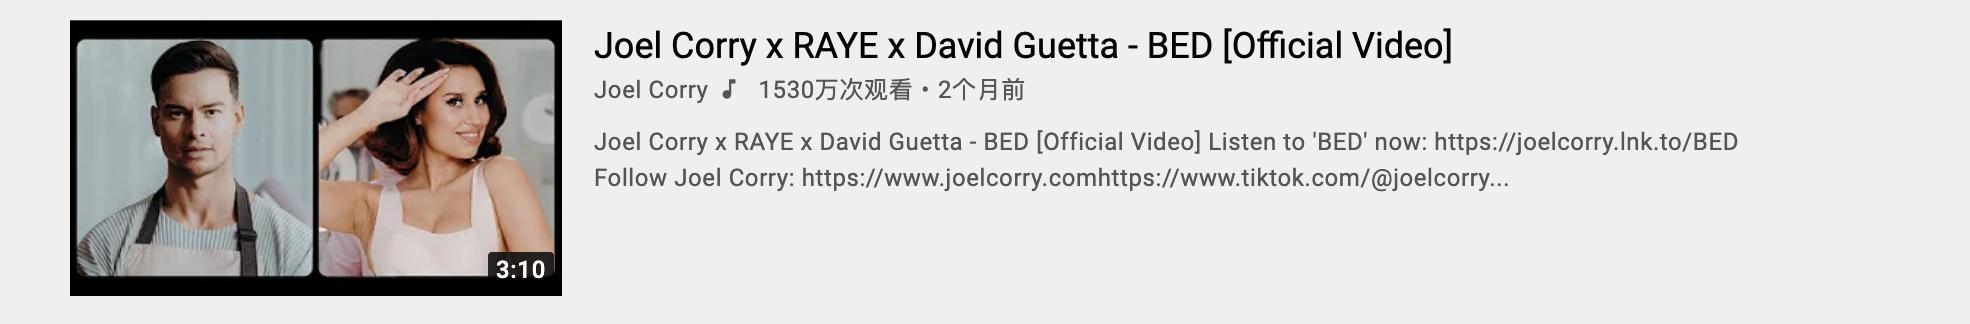 《BED》MV在YouTube的播放量达1530万次